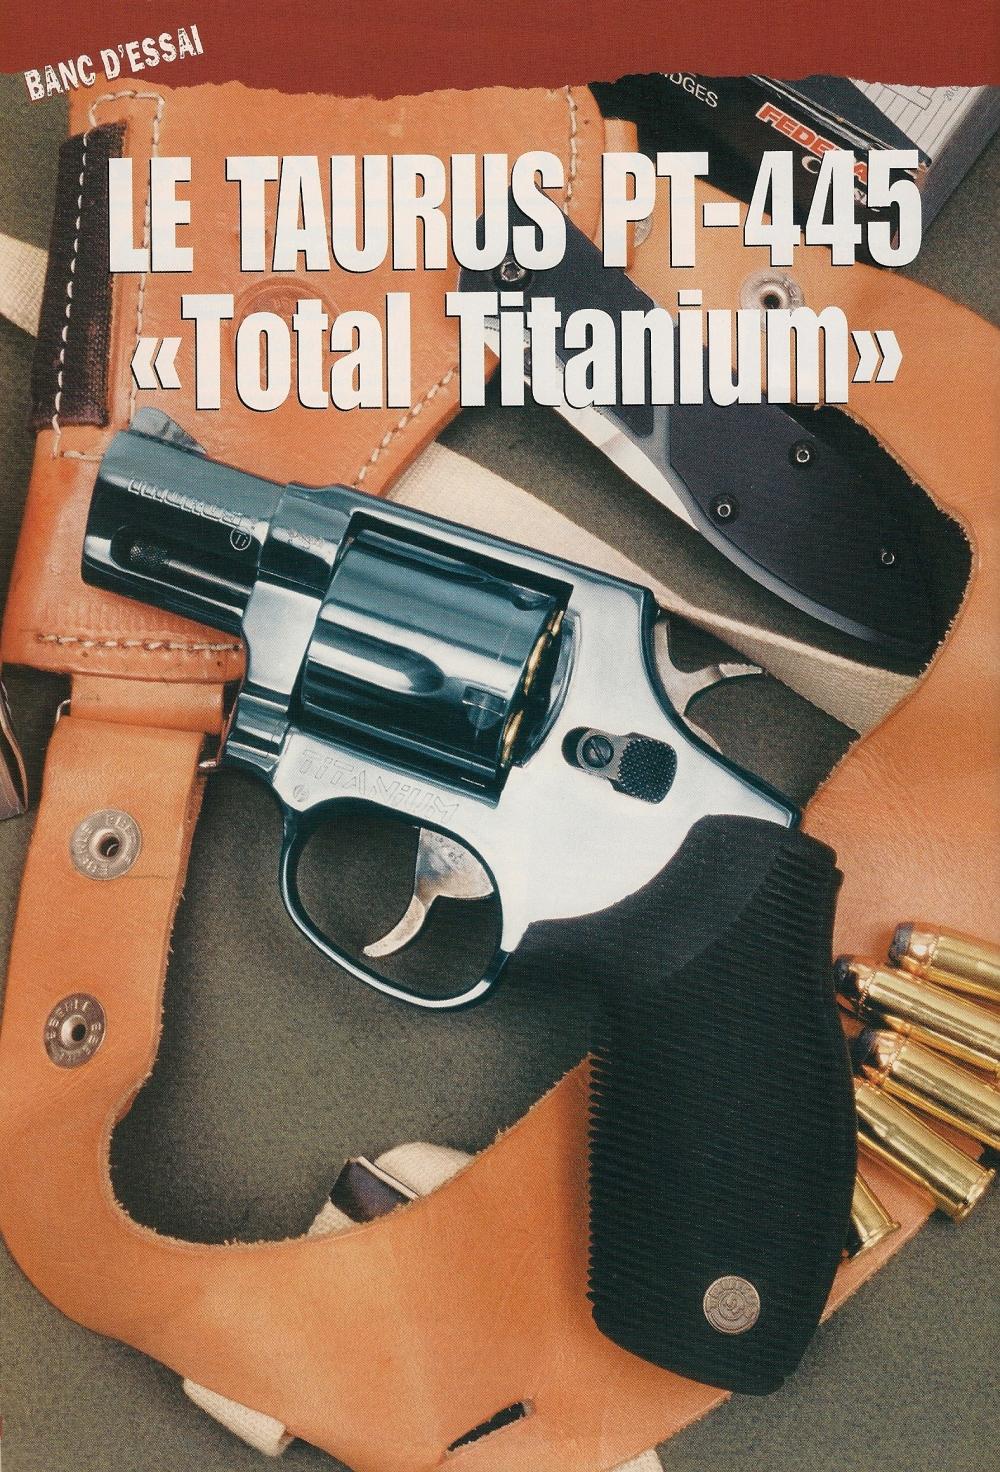 En lançant sa série « All Titanium » dont les revolvers sont presque intégralement réalisés en titane, la firme brésilienne Taurus a poussé l'emploi de ce matériau plus loin que ne l'avait fait le géant américain Smith & Wesson.